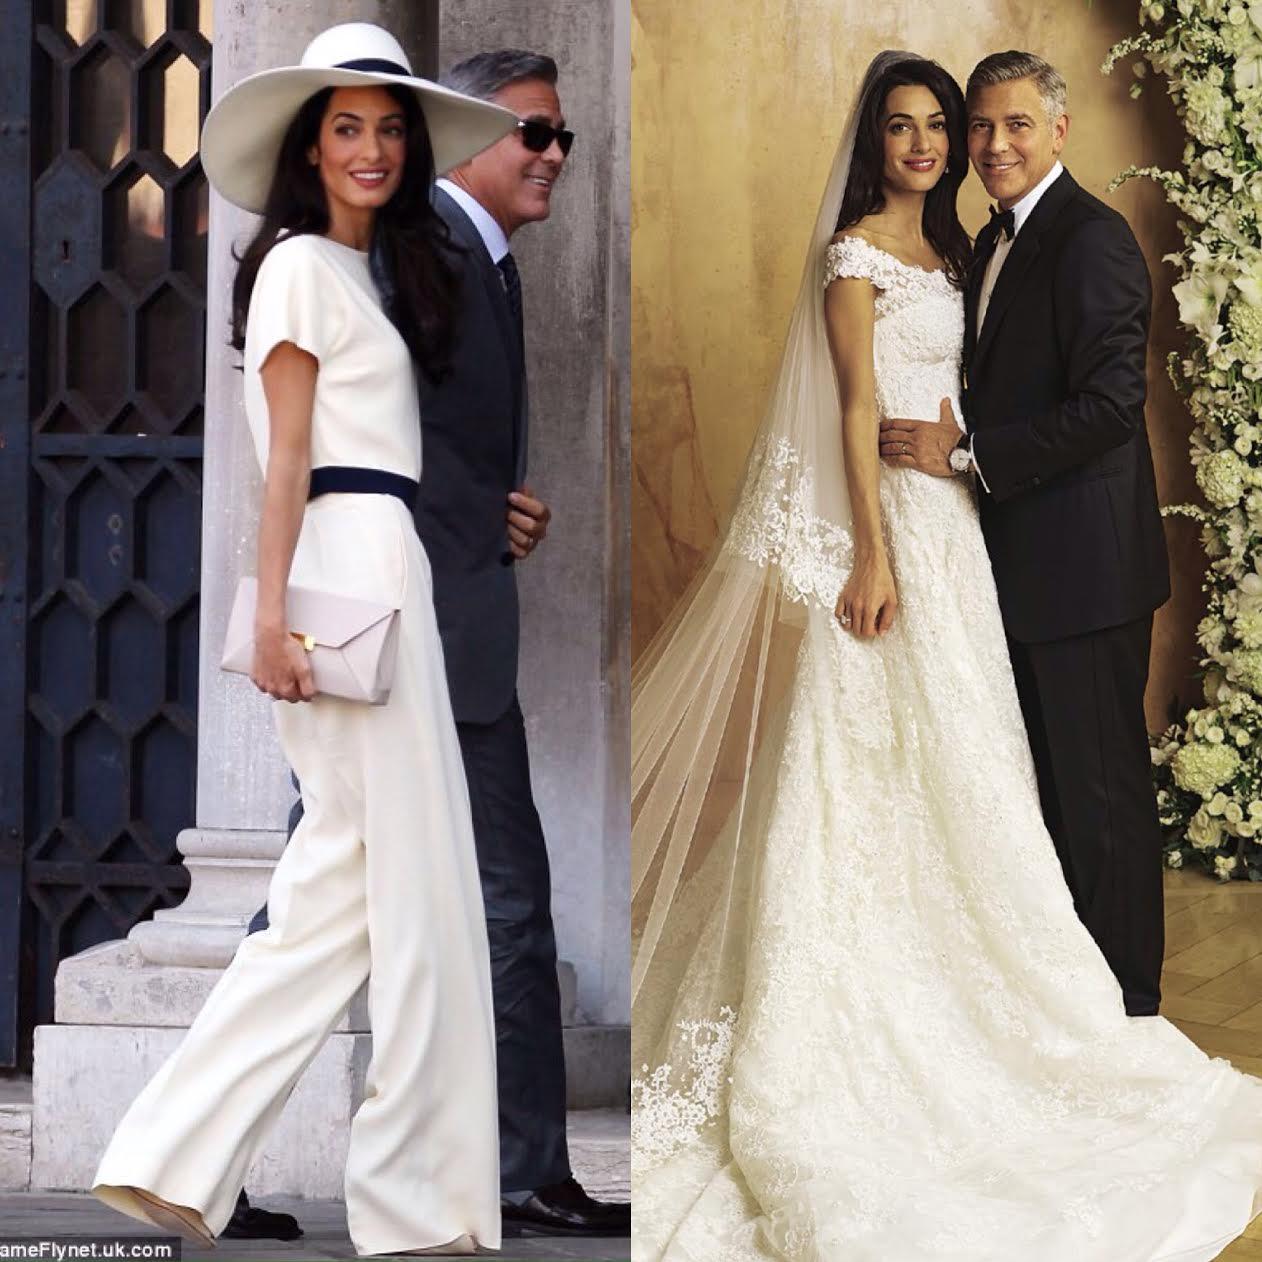 dwie ceremonie, dwie sukienki